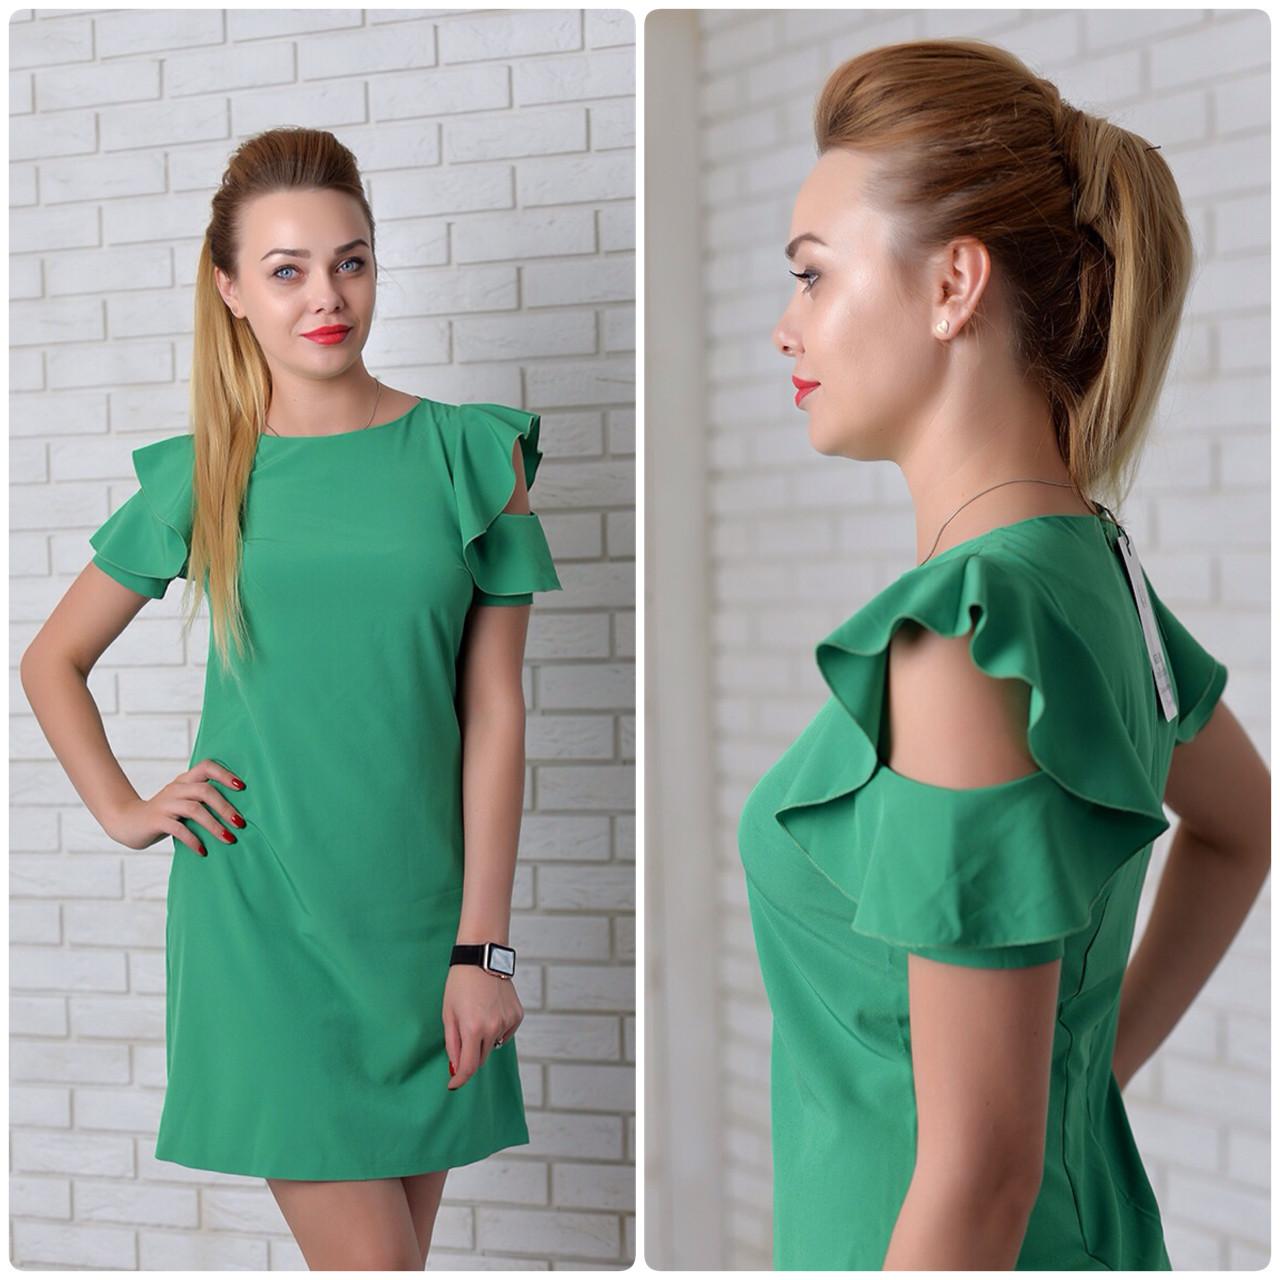 Платье, модель 783, цвет - зеленый